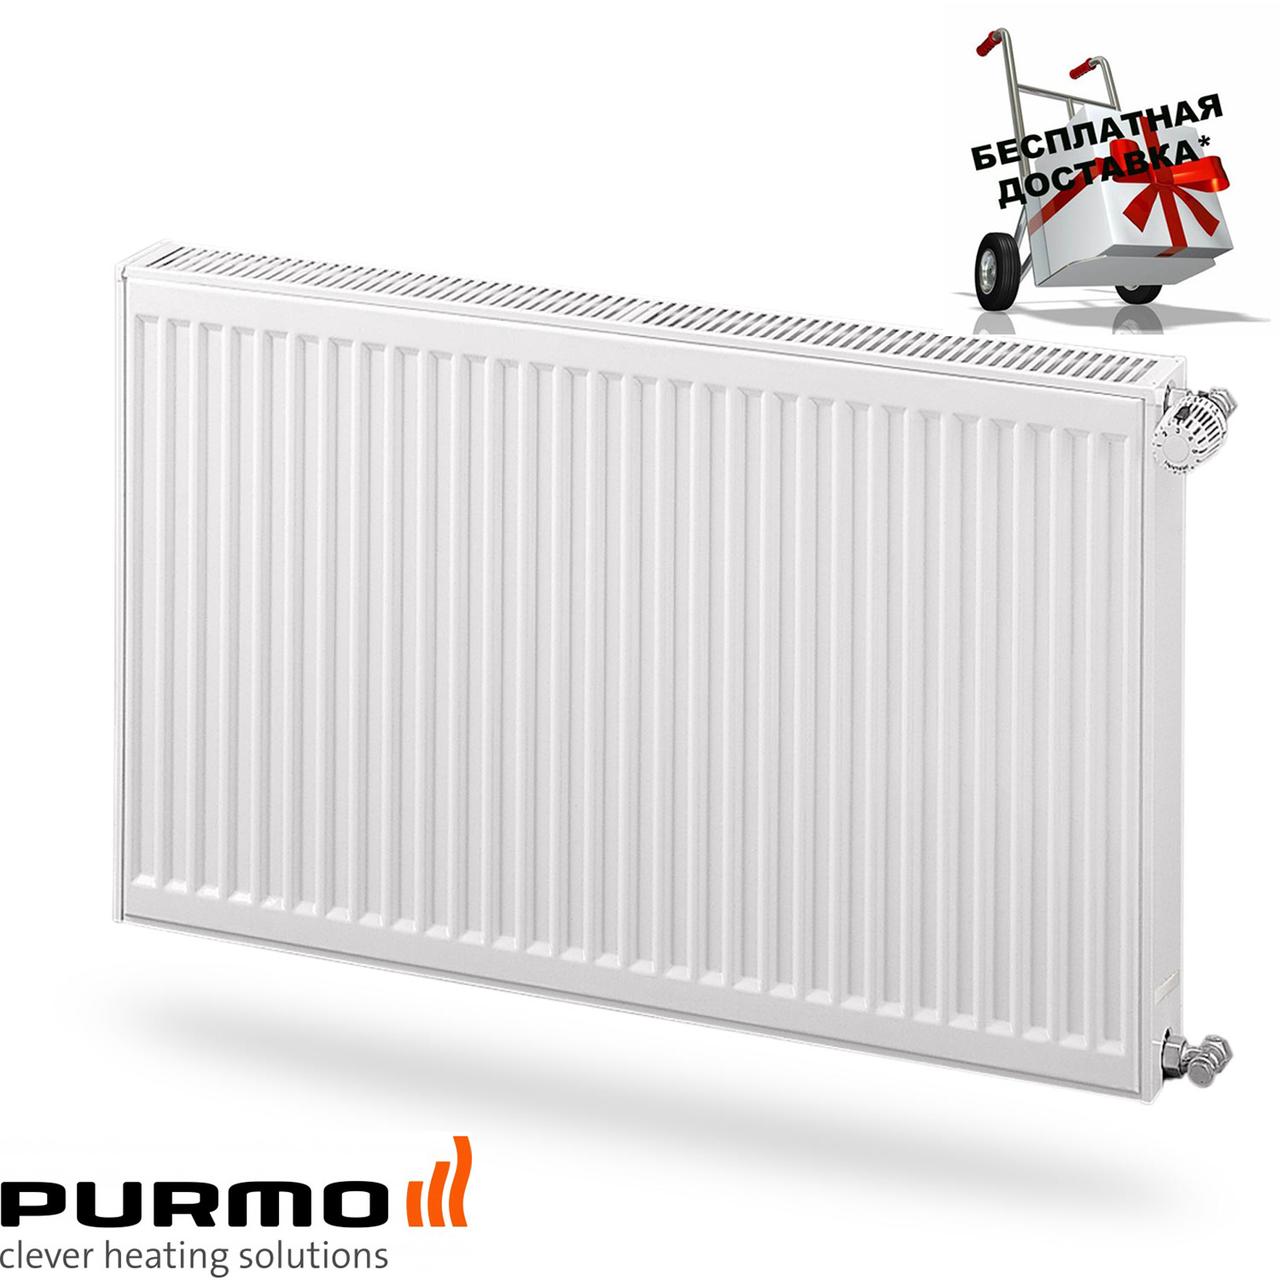 Стальной (панельный) радиатор PURMO Compact т22 500x1000 боковое подключение